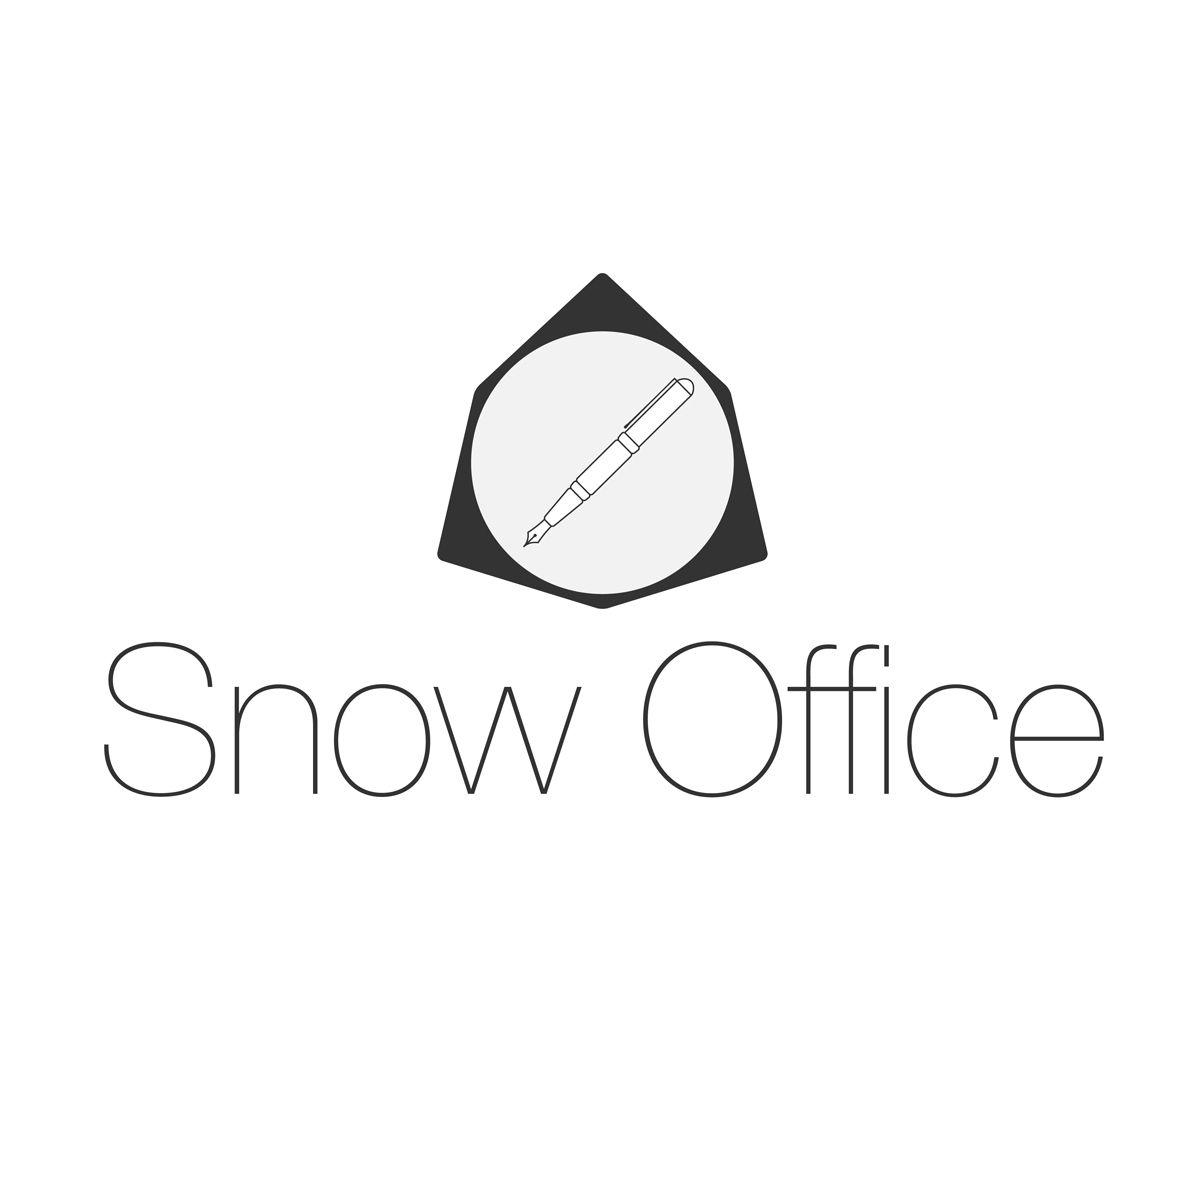 Лого и фирменный стиль для интернет-магазина - дизайнер LebedevvMihail